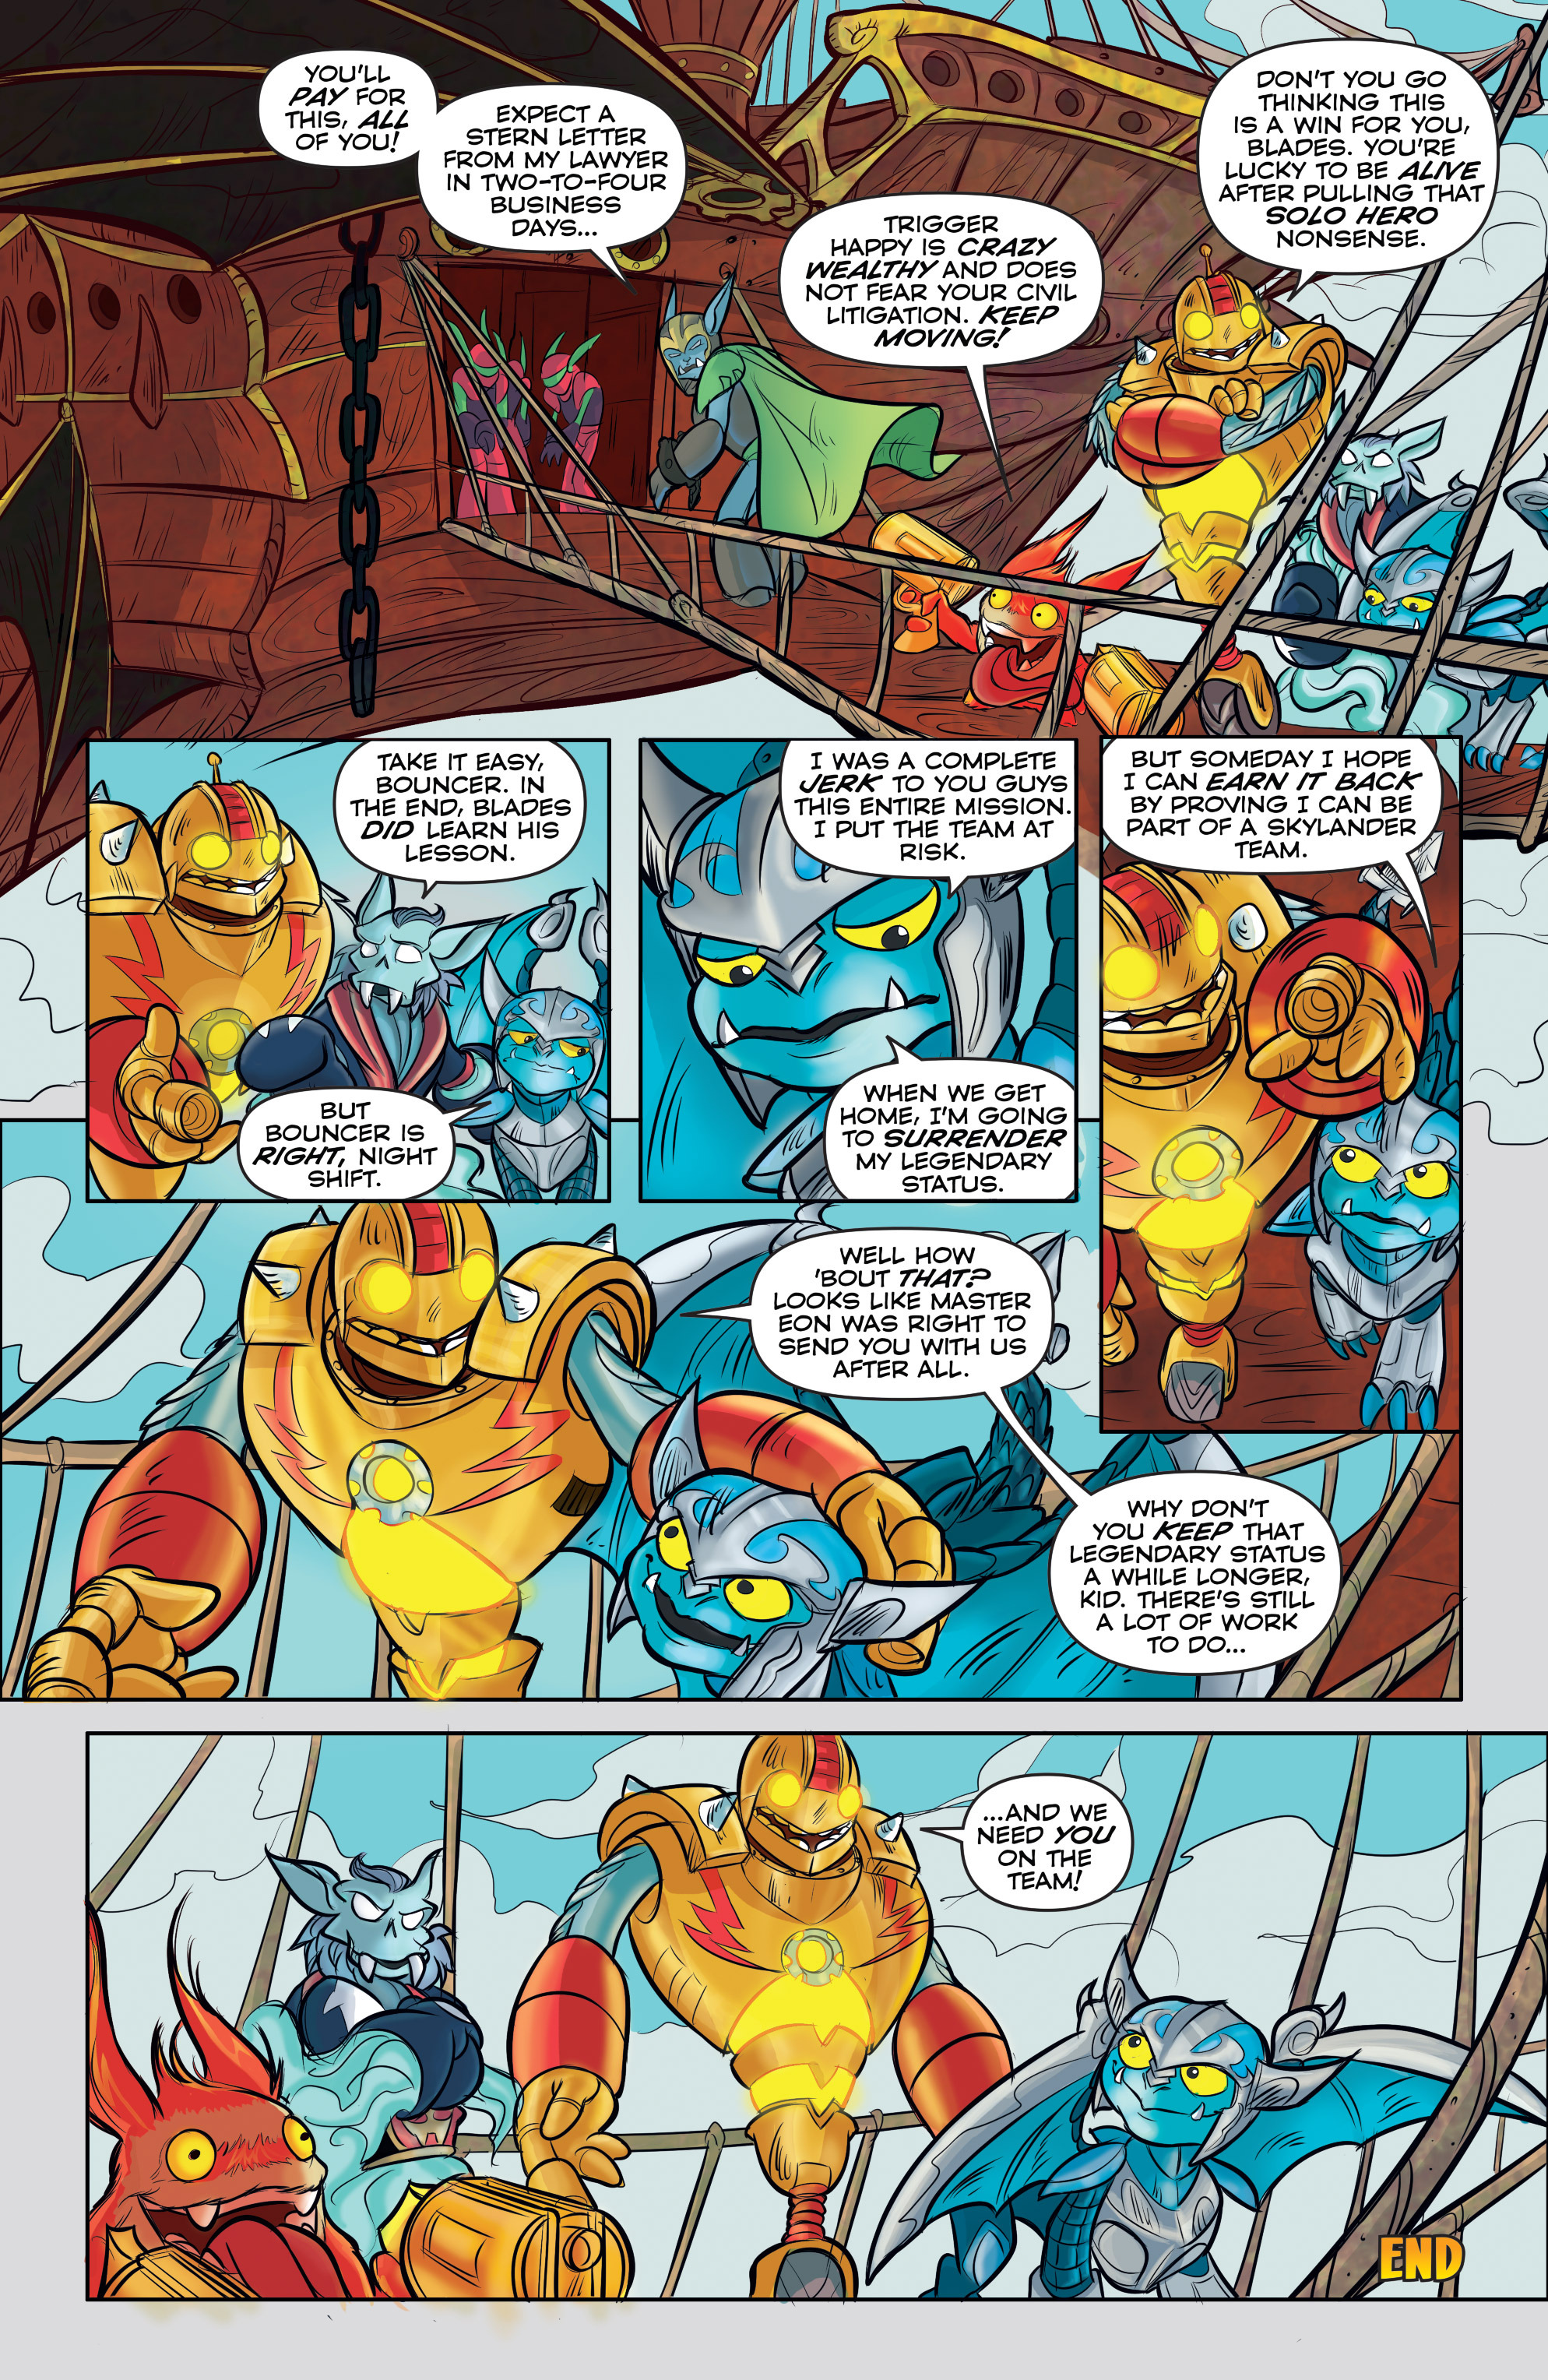 Read online Skylanders comic -  Issue #5 - 18